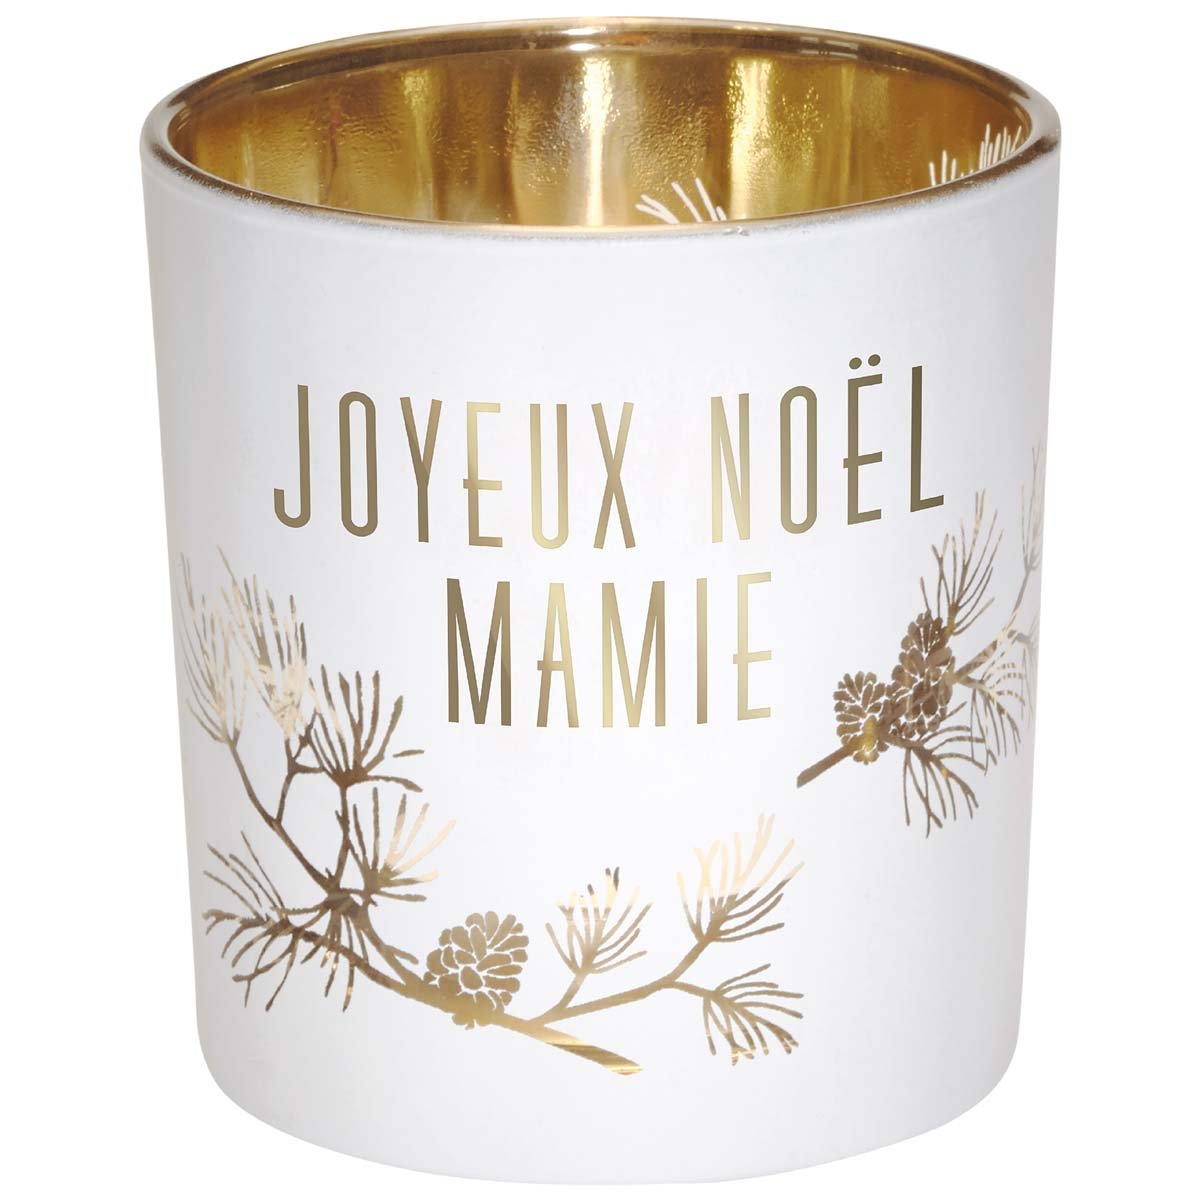 Photophore en verre blanc et or joyeux Noël mamie